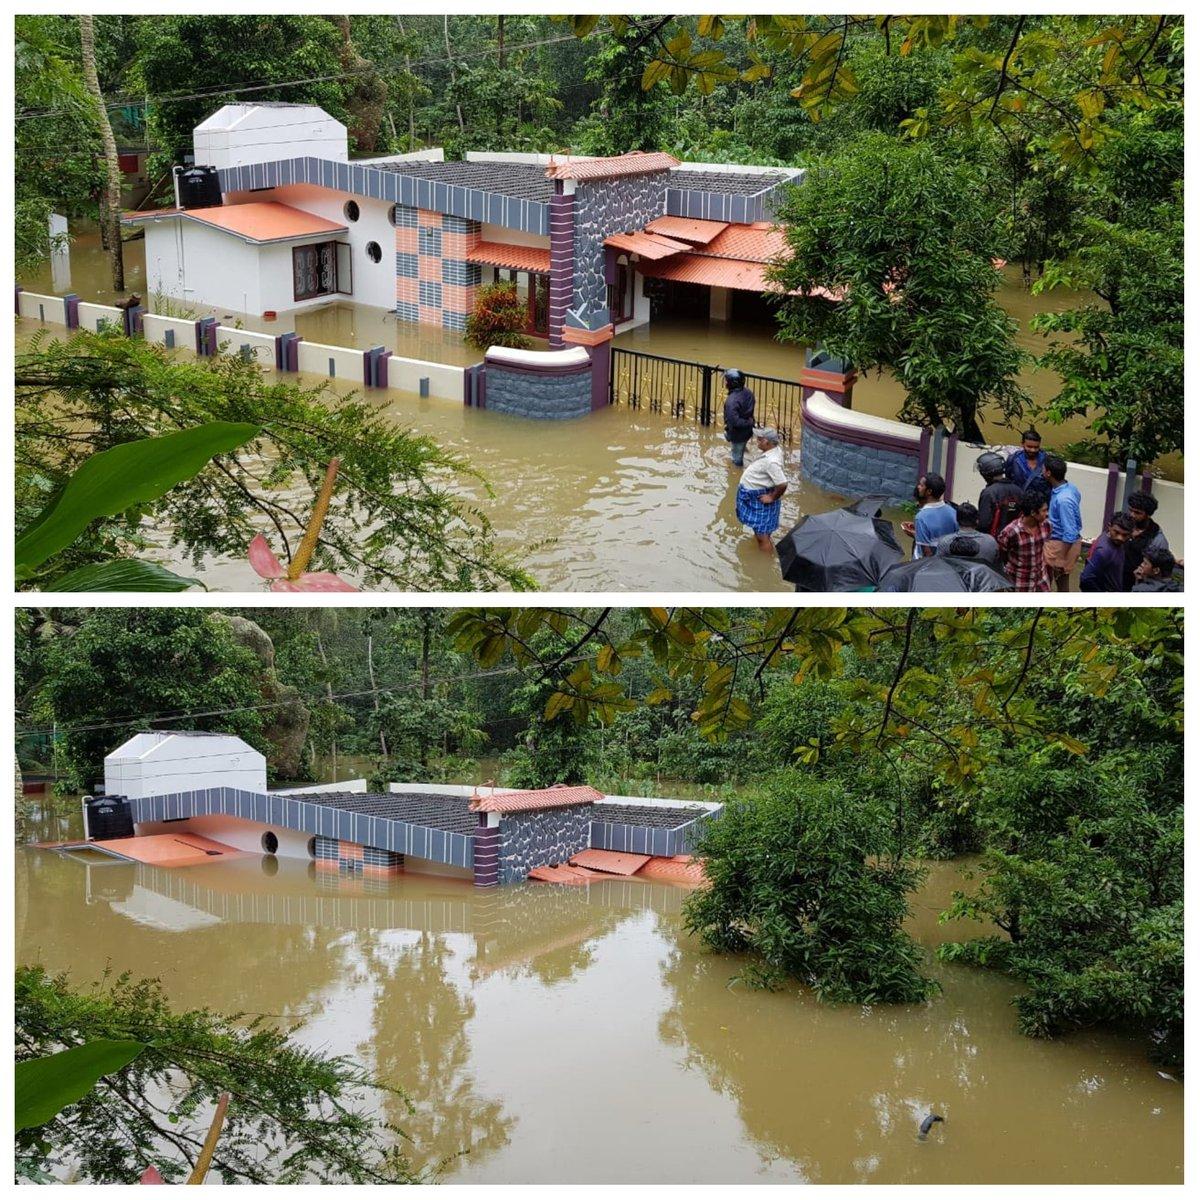 ВИндии мощнейшее наводнение, число жертв превосходит 300 человек